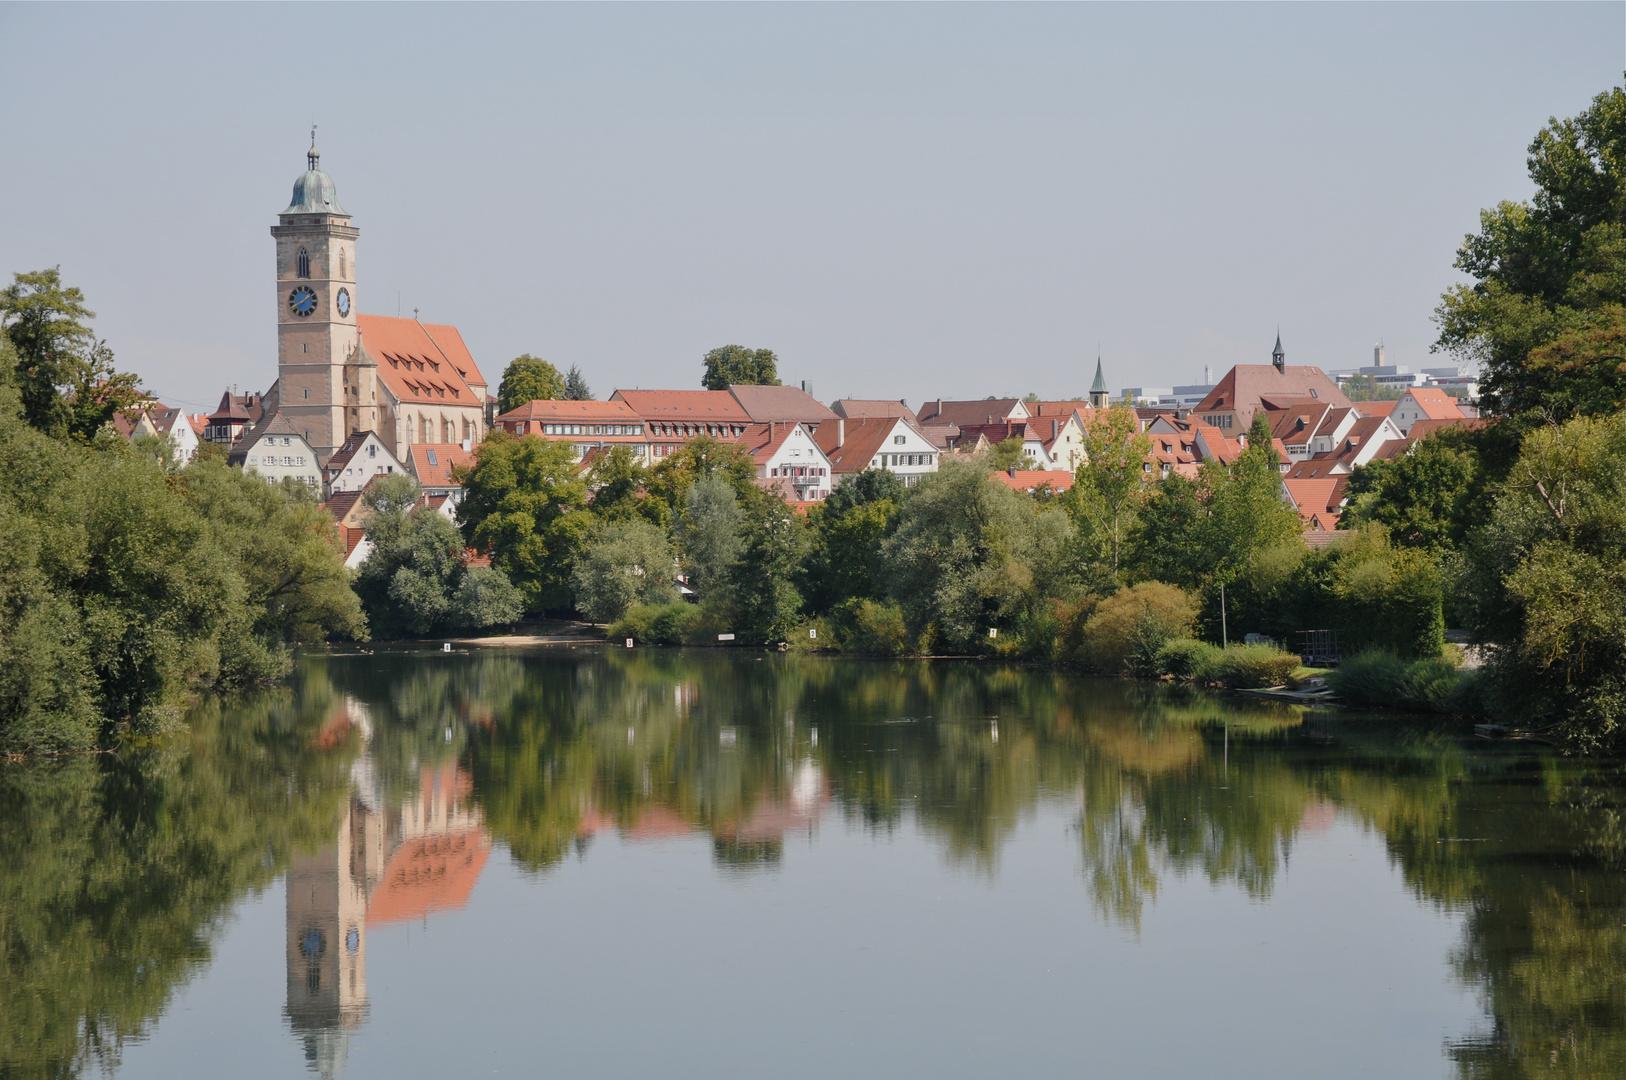 Die schöne alte Stadt Nürtingen am Neckar